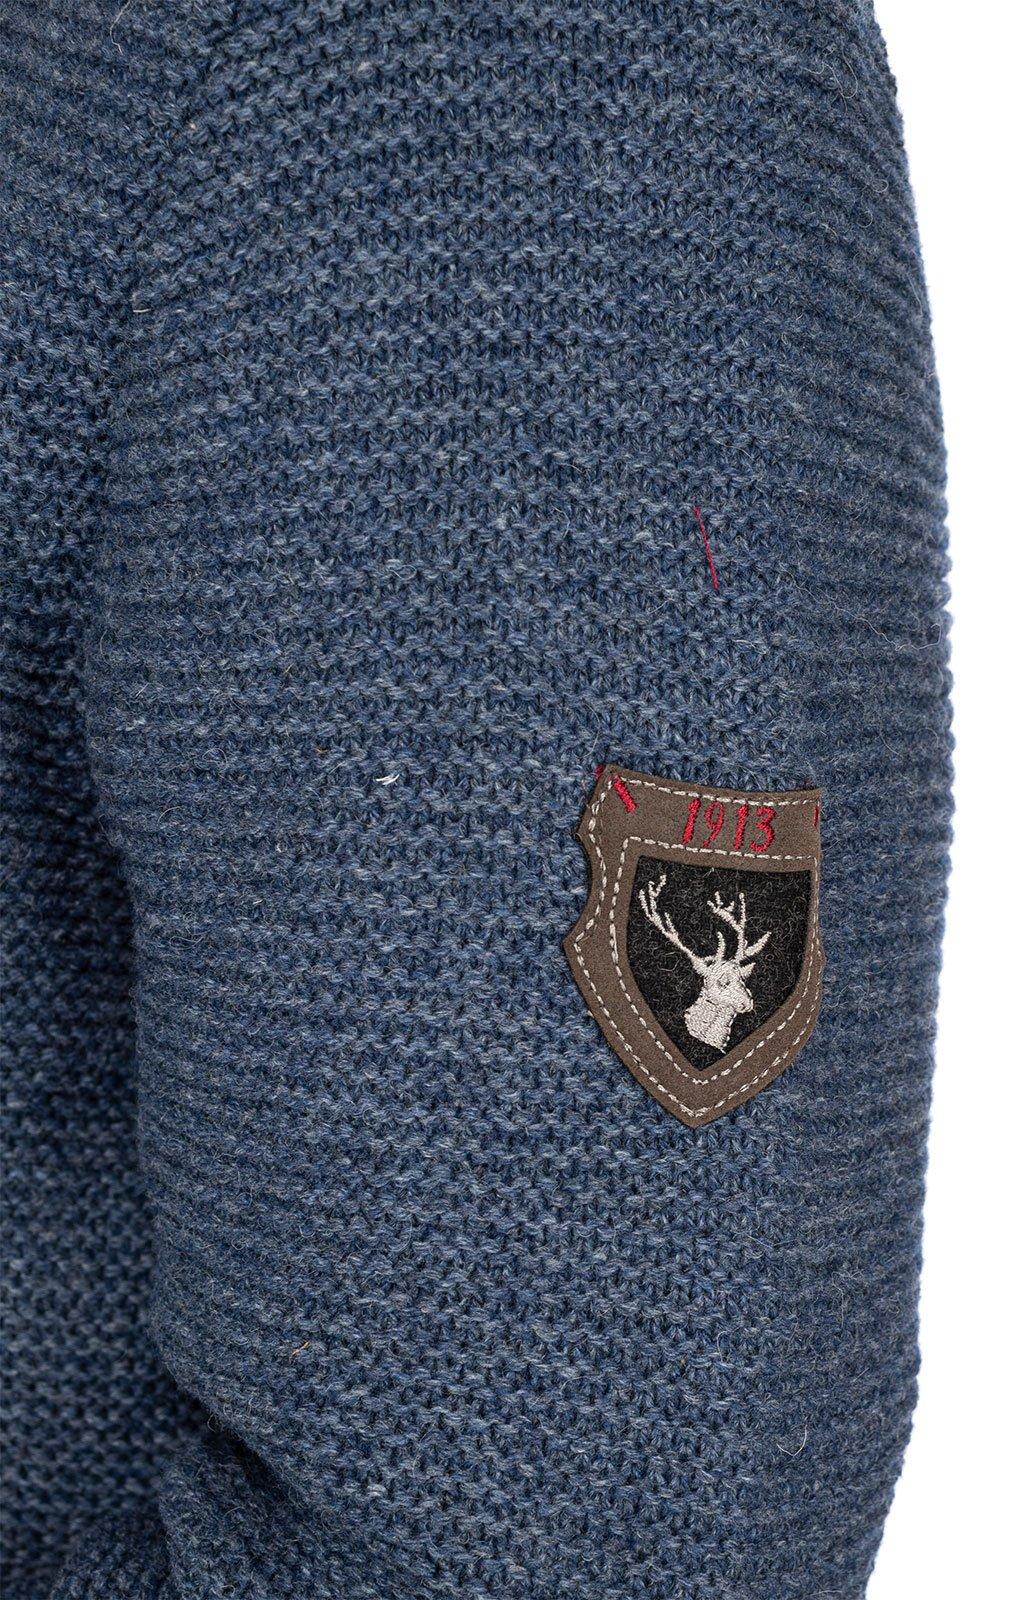 weitere Bilder von Trachtenstrickjacke MERZEN jeansblau